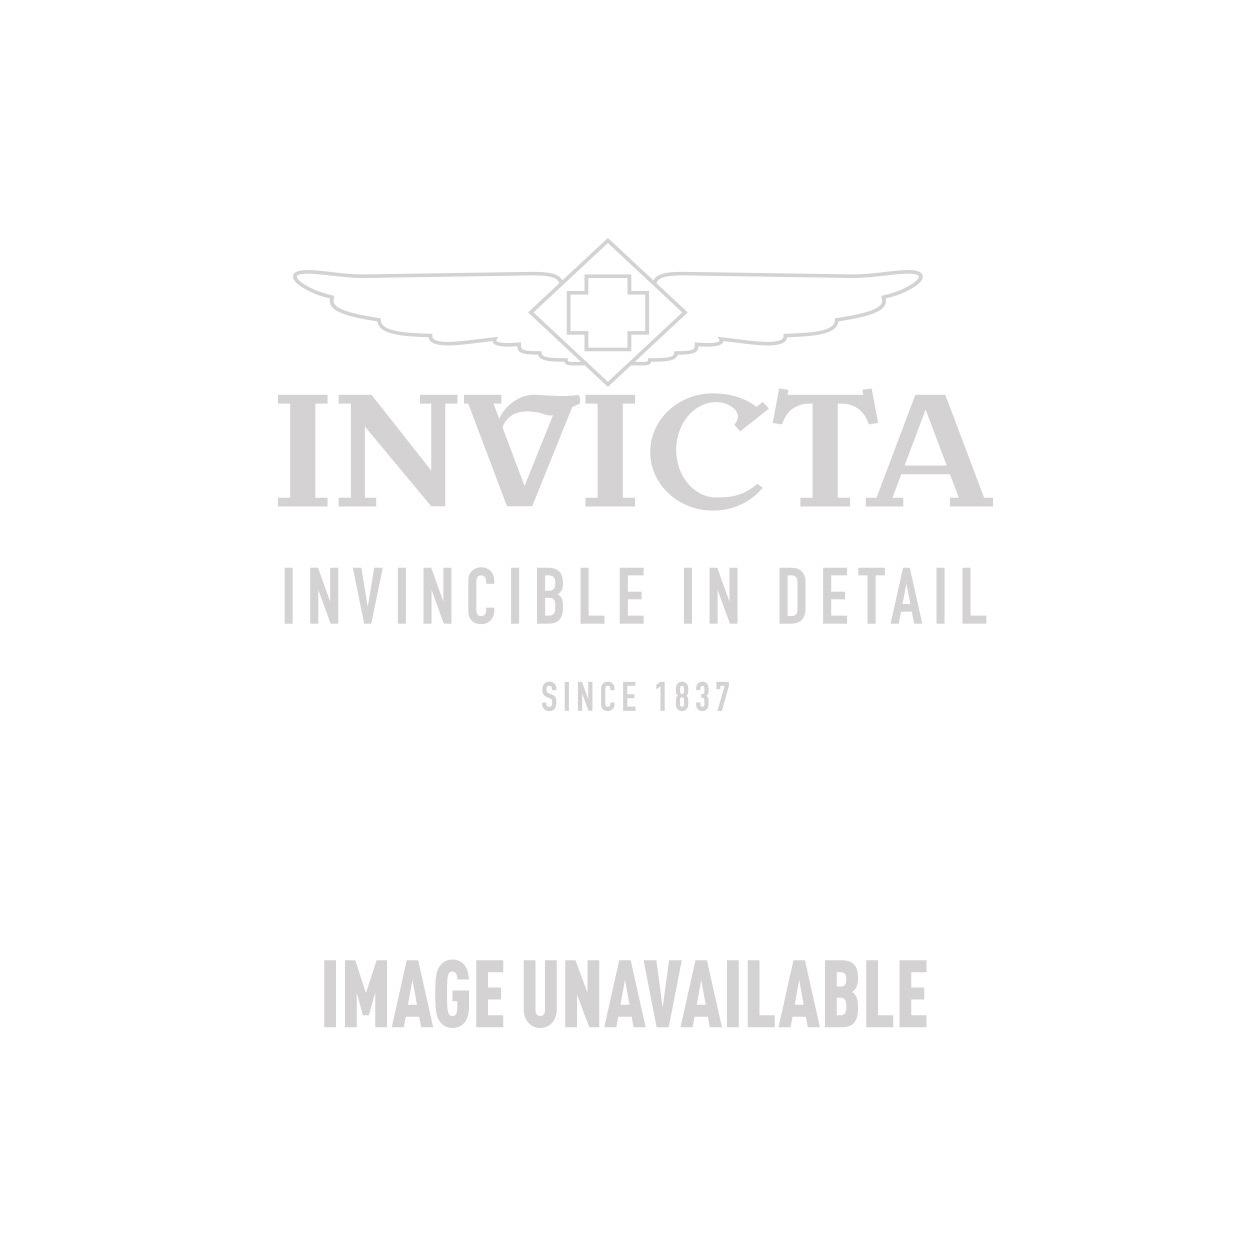 Invicta Model 28365